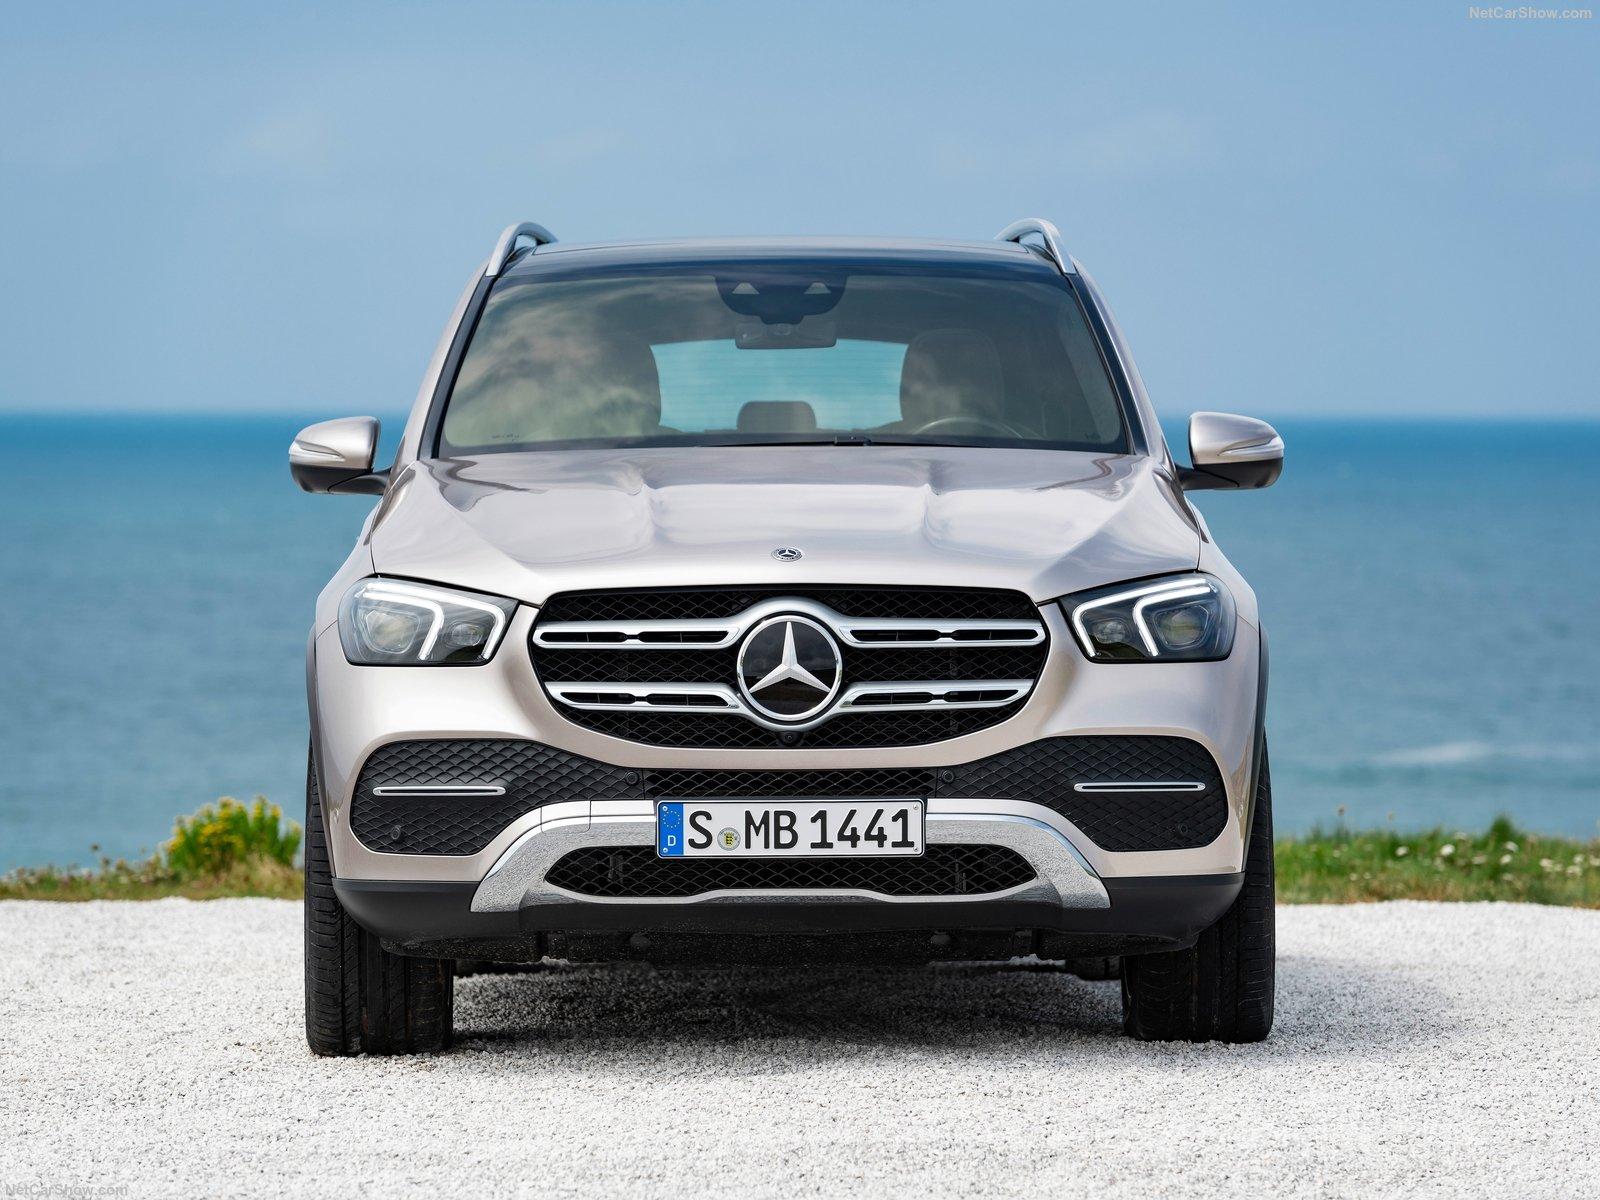 Mercedes-Benz GLE 2020 года - 7-местный кроссовер с битурбированным дизелем, максимальным уровнем безопасности и пневмоподвеской